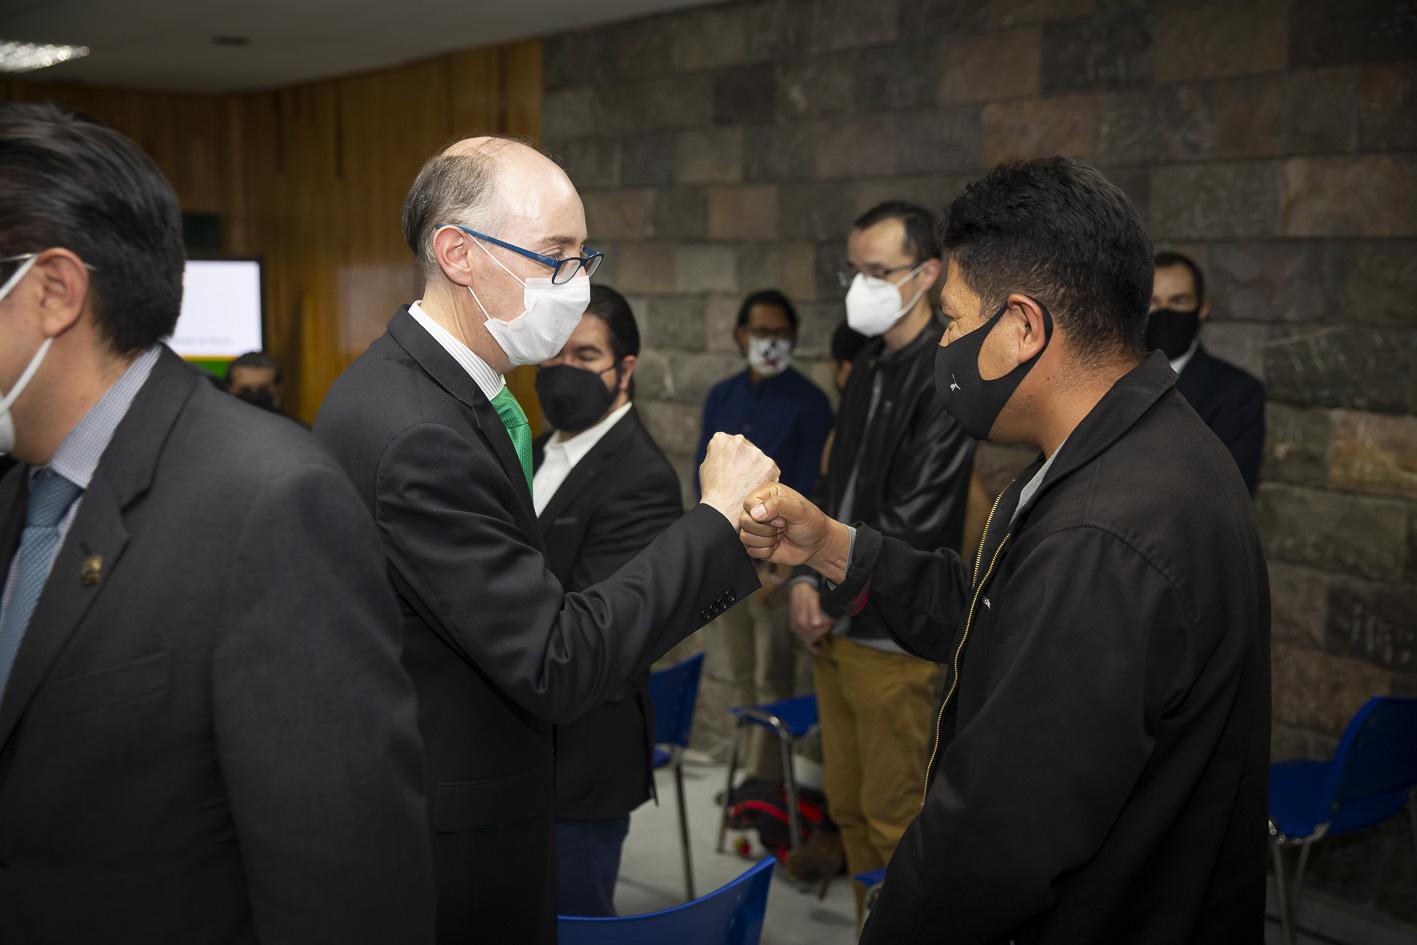 UAEM participará en construcción de un México incluyentey ambientalmente responsable: Carlos Eduardo Barrera Díaz